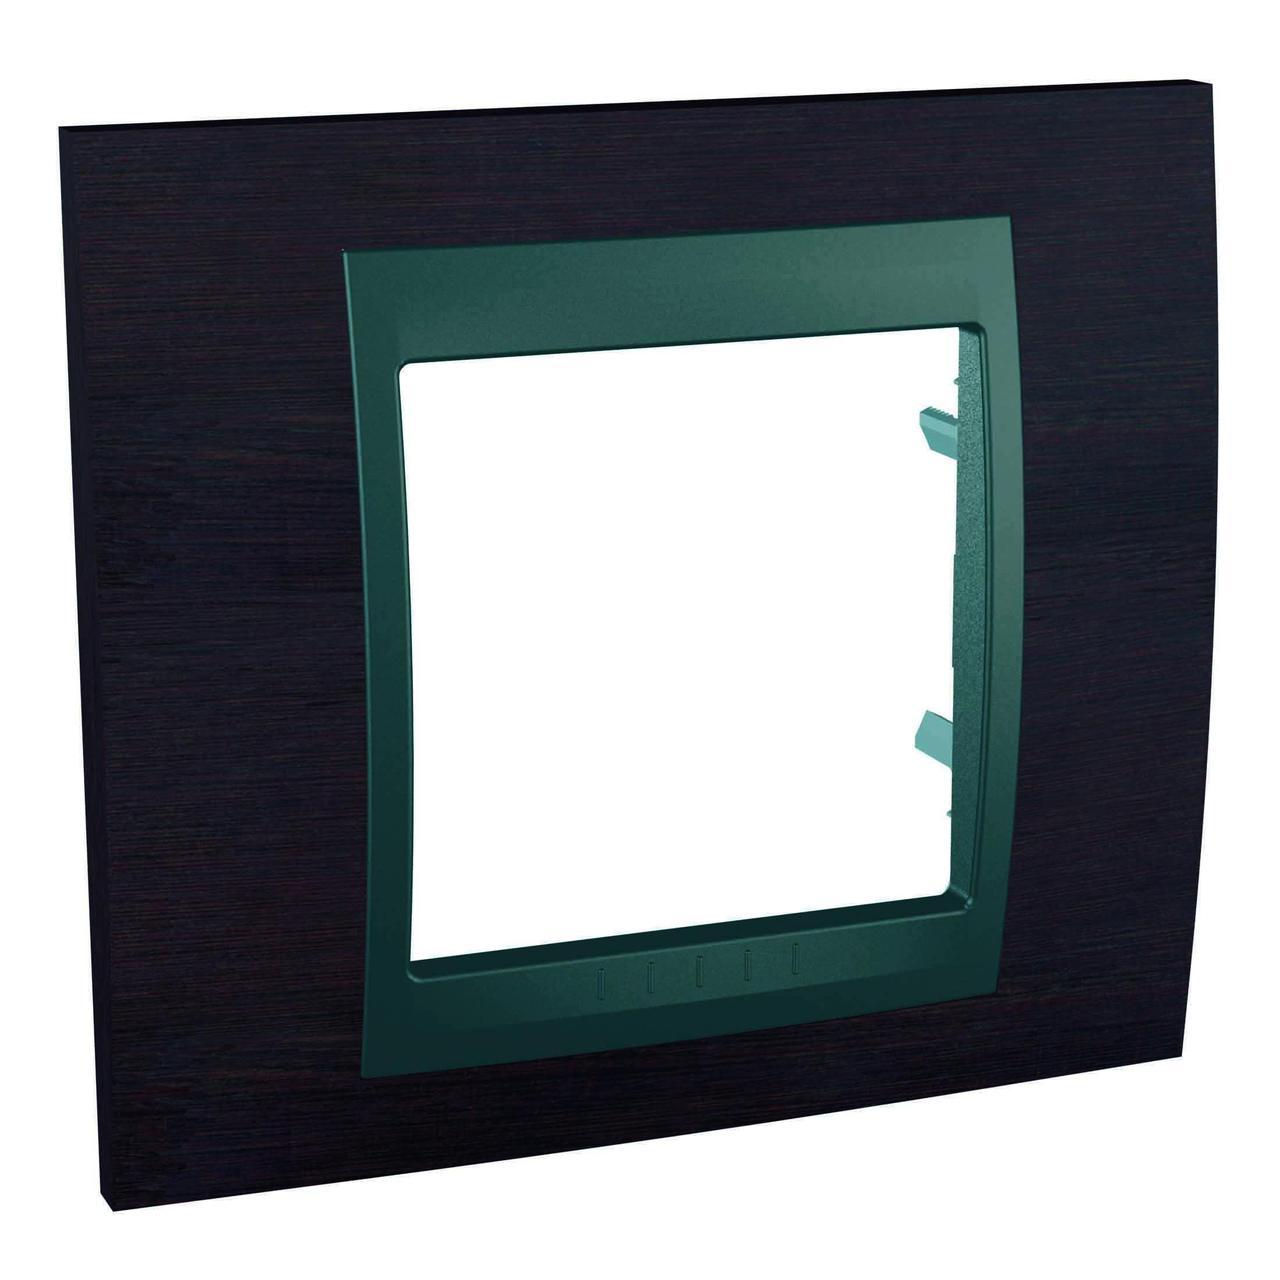 Рамка 1-ая (одинарная), Дерево Венге/Графит, серия UNICA TOP/CLASS, Schneider Electric